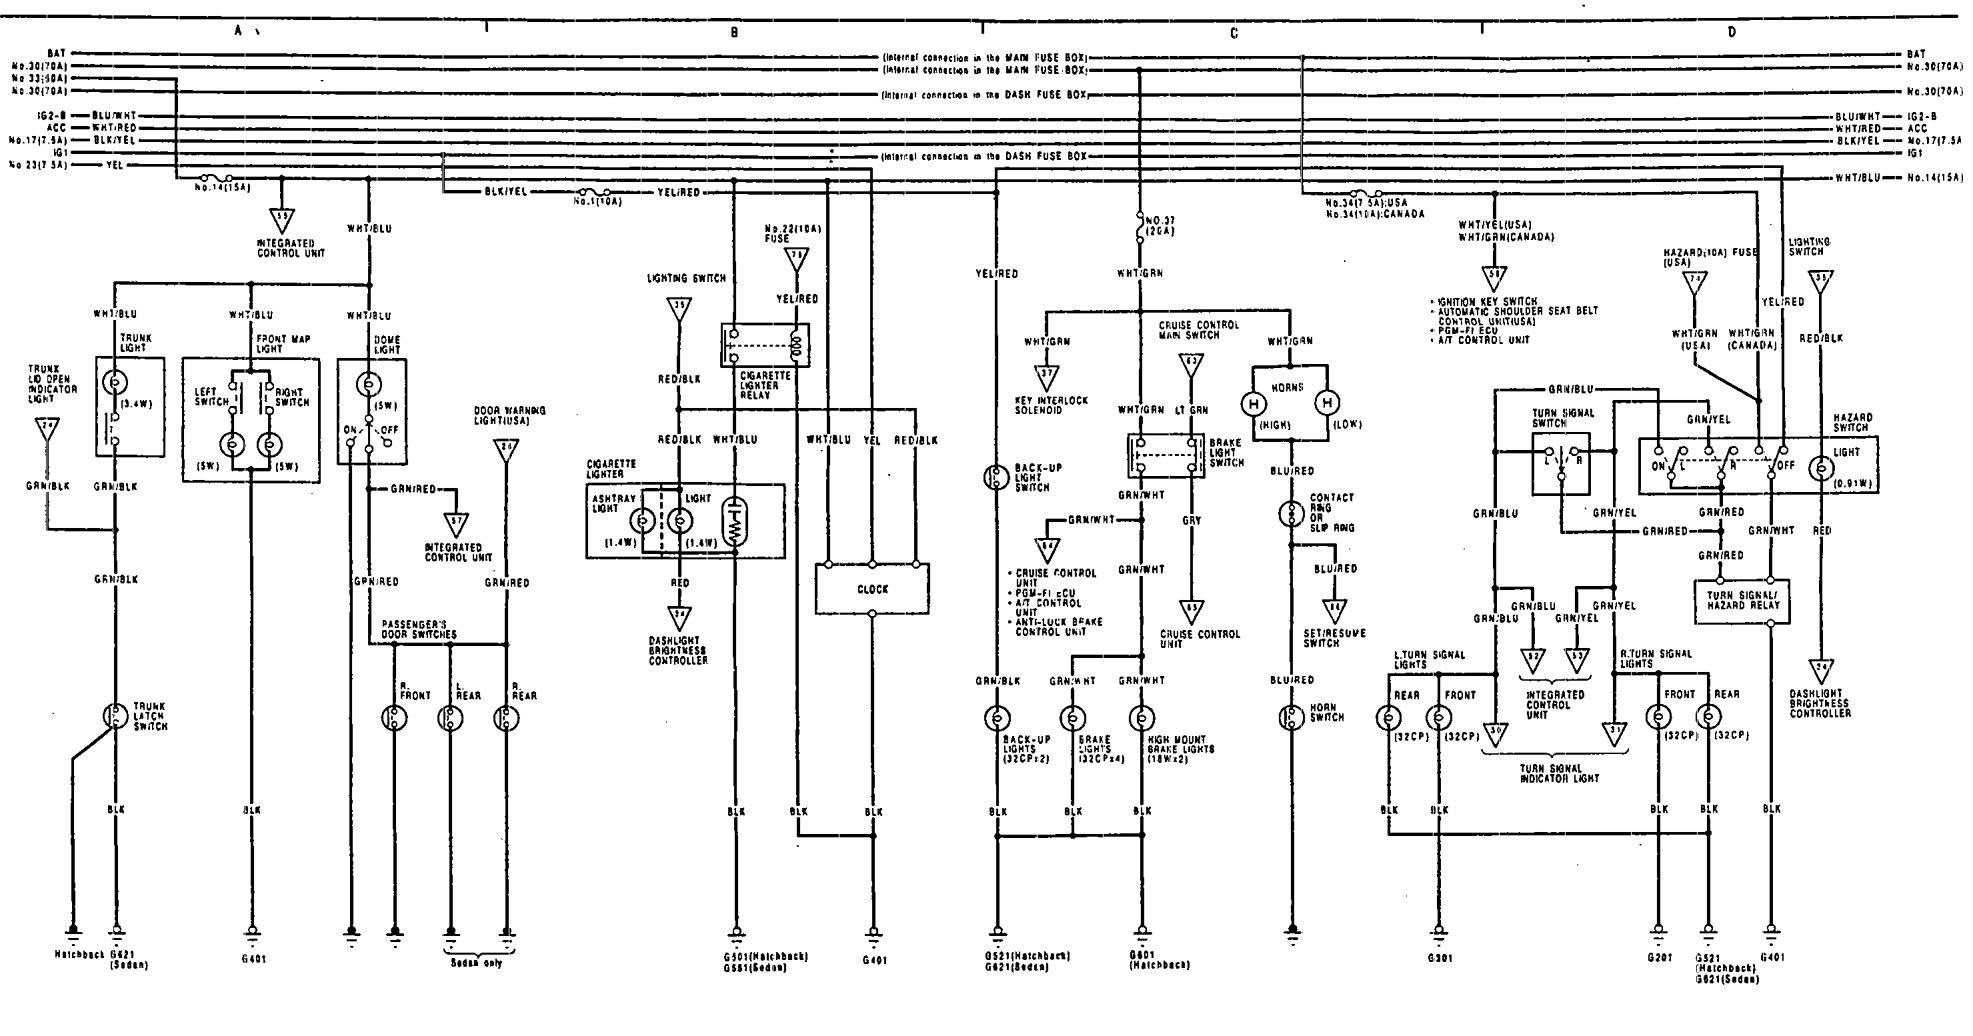 Acura Integra 1991 Wiring Diagrams Cigar Lighter Carknowledge. Acura Integra Wiring Diagram Cigar Lighter. Acura. 1991 Acura Integra Wiring Schematic At Scoala.co